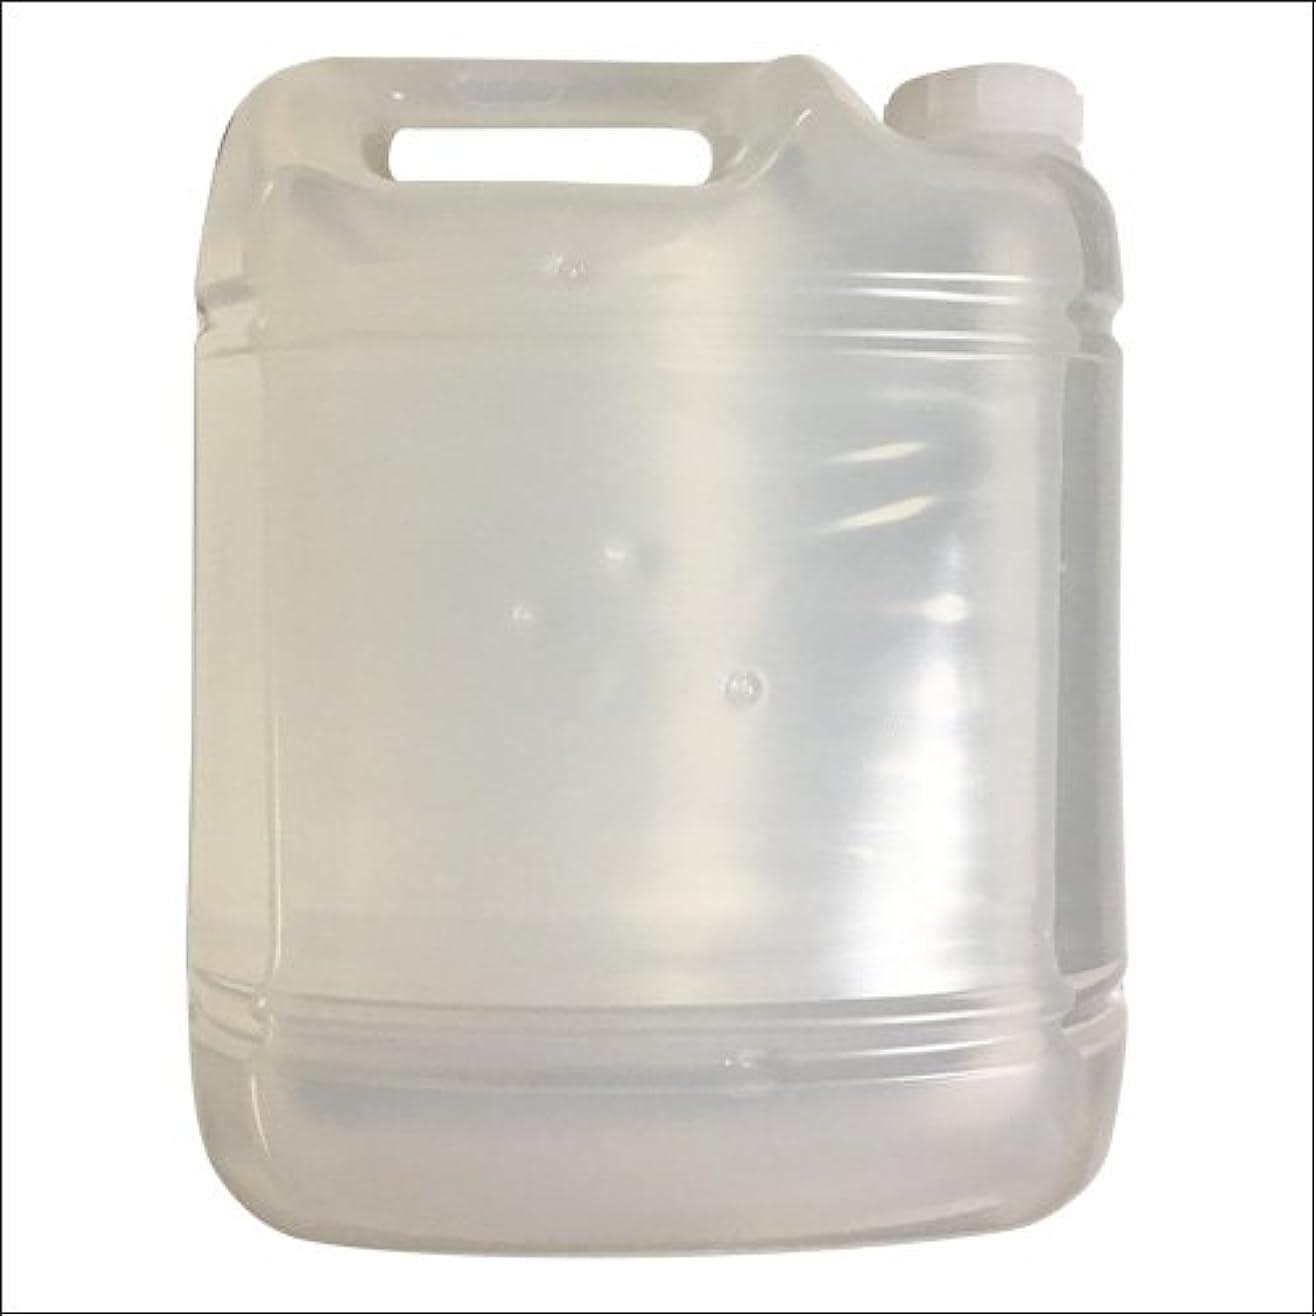 クモ無限大キャロライン無添加ベビーオイル(無香料)業務用サイズマッサージオイル 5L